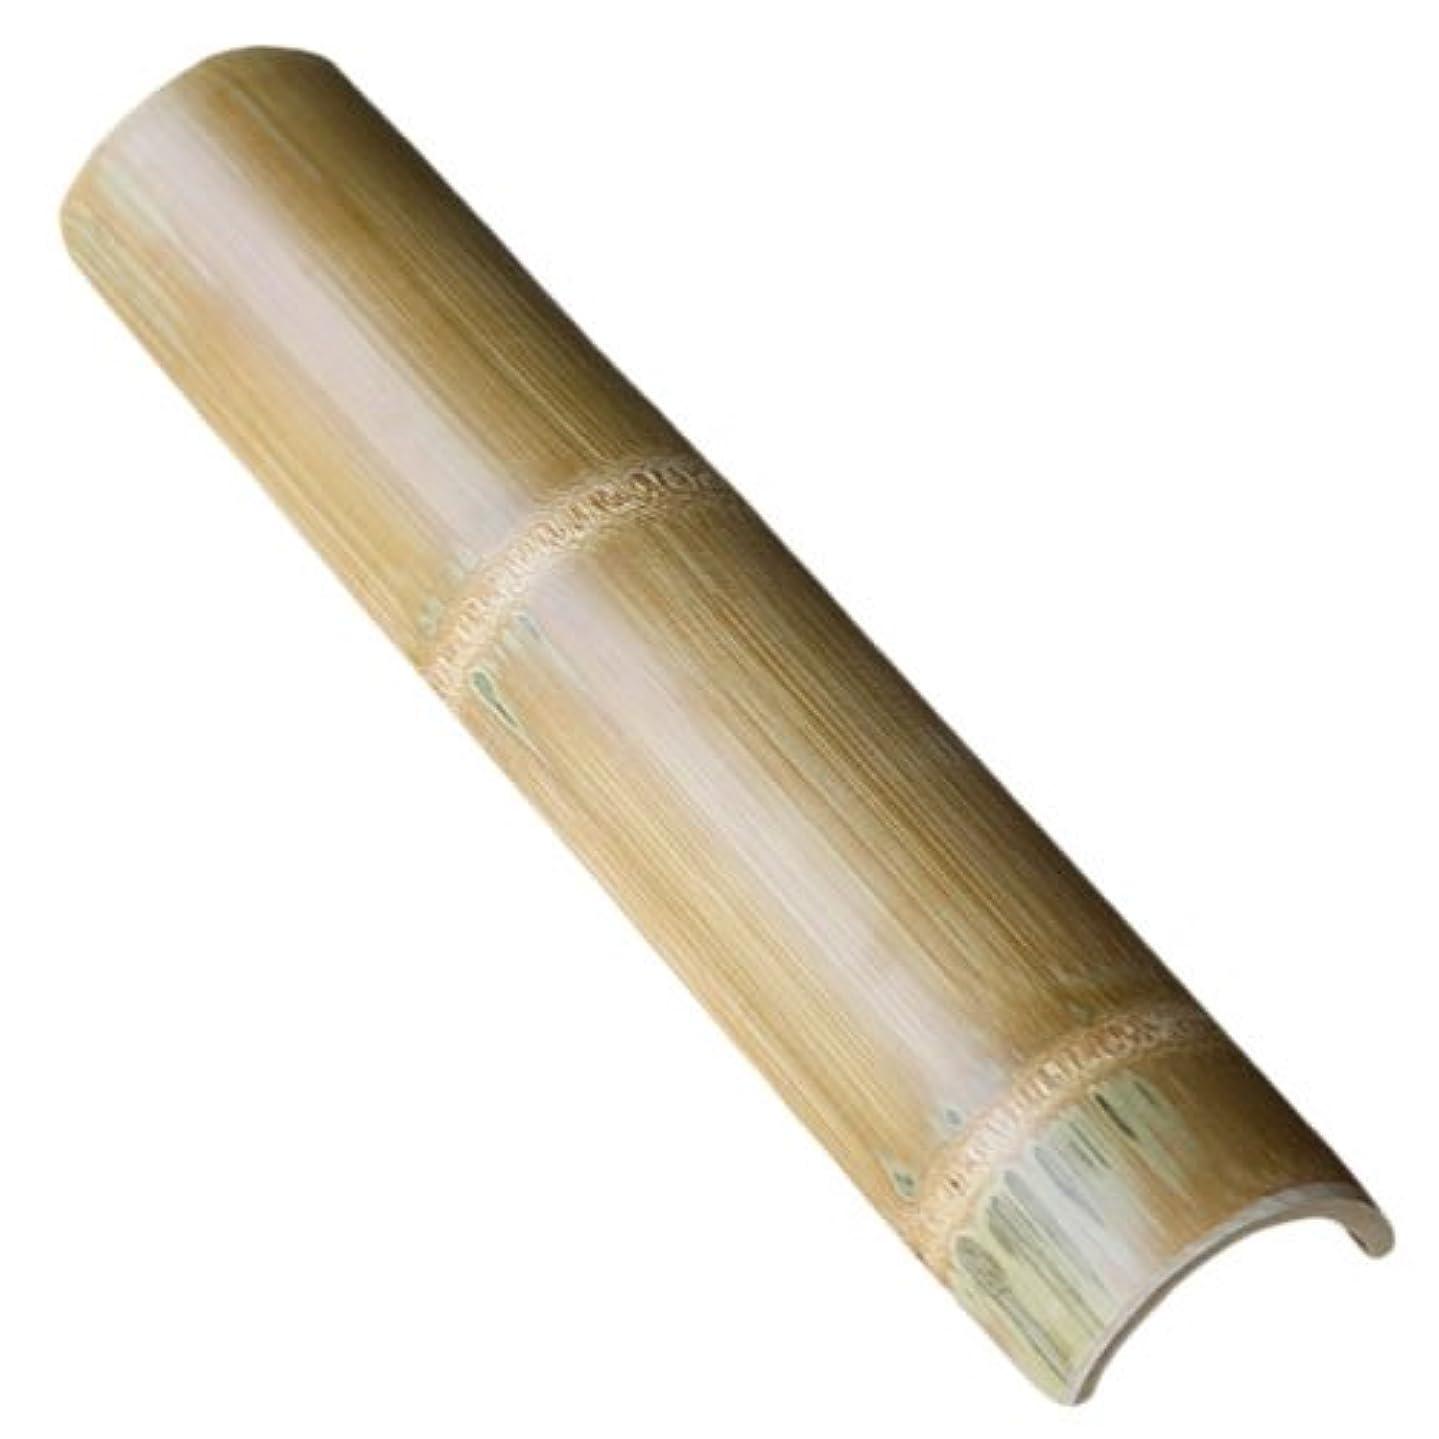 よろめく油吸収【国産】炭化竹踏み 青竹を炭化加工して防虫、防カビ効果を向上させて美しく磨き上げた丈夫な二節付の竹踏み